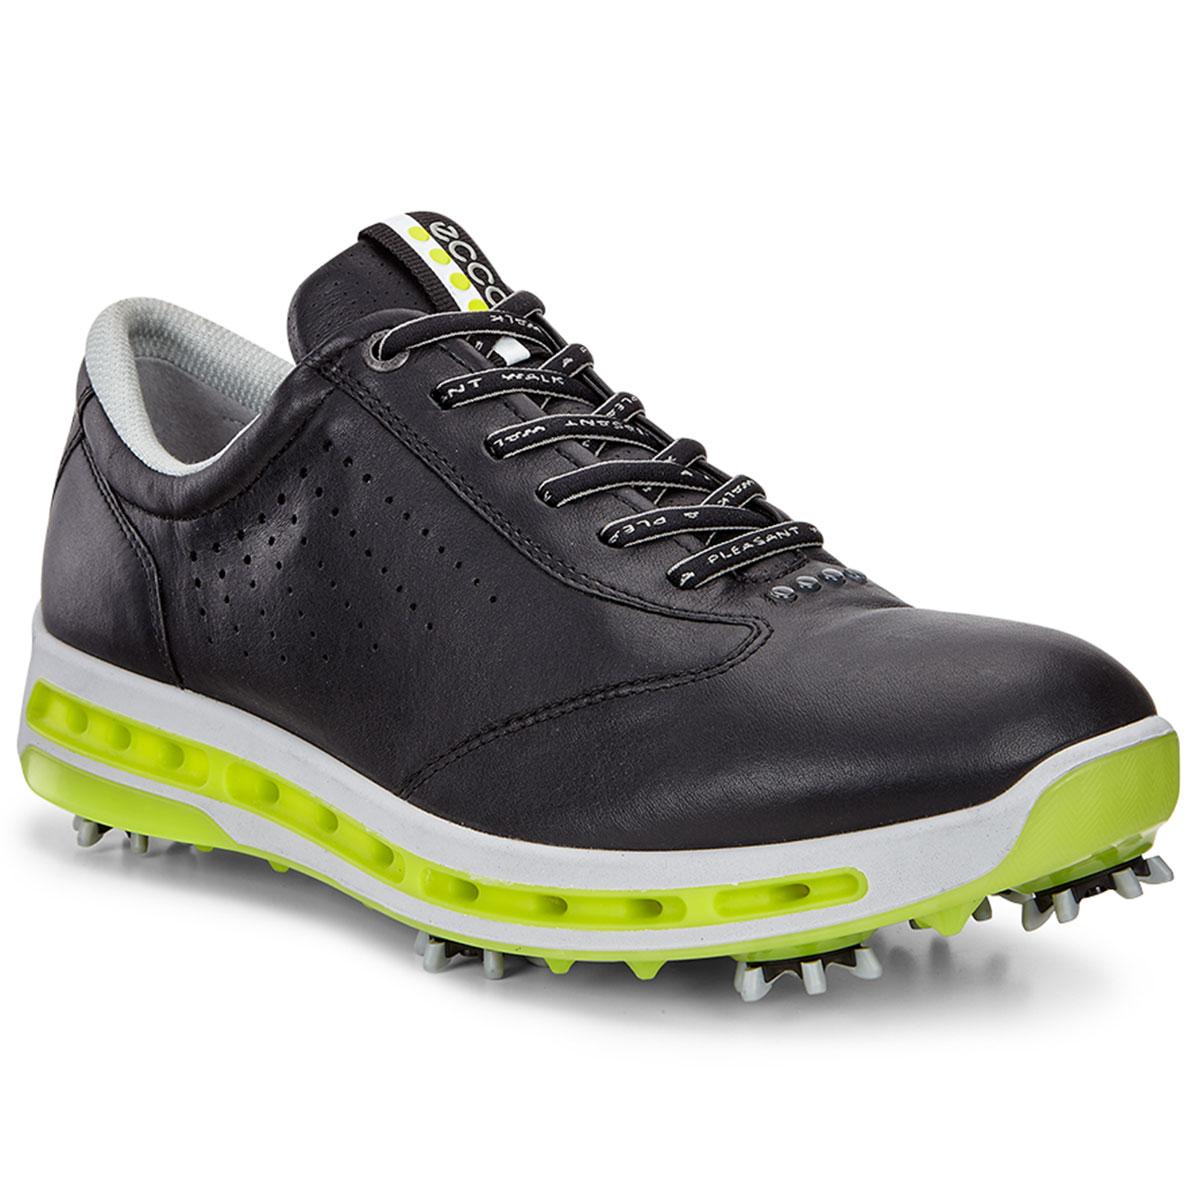 11 Best Waterproof Golf Shoes: Buy